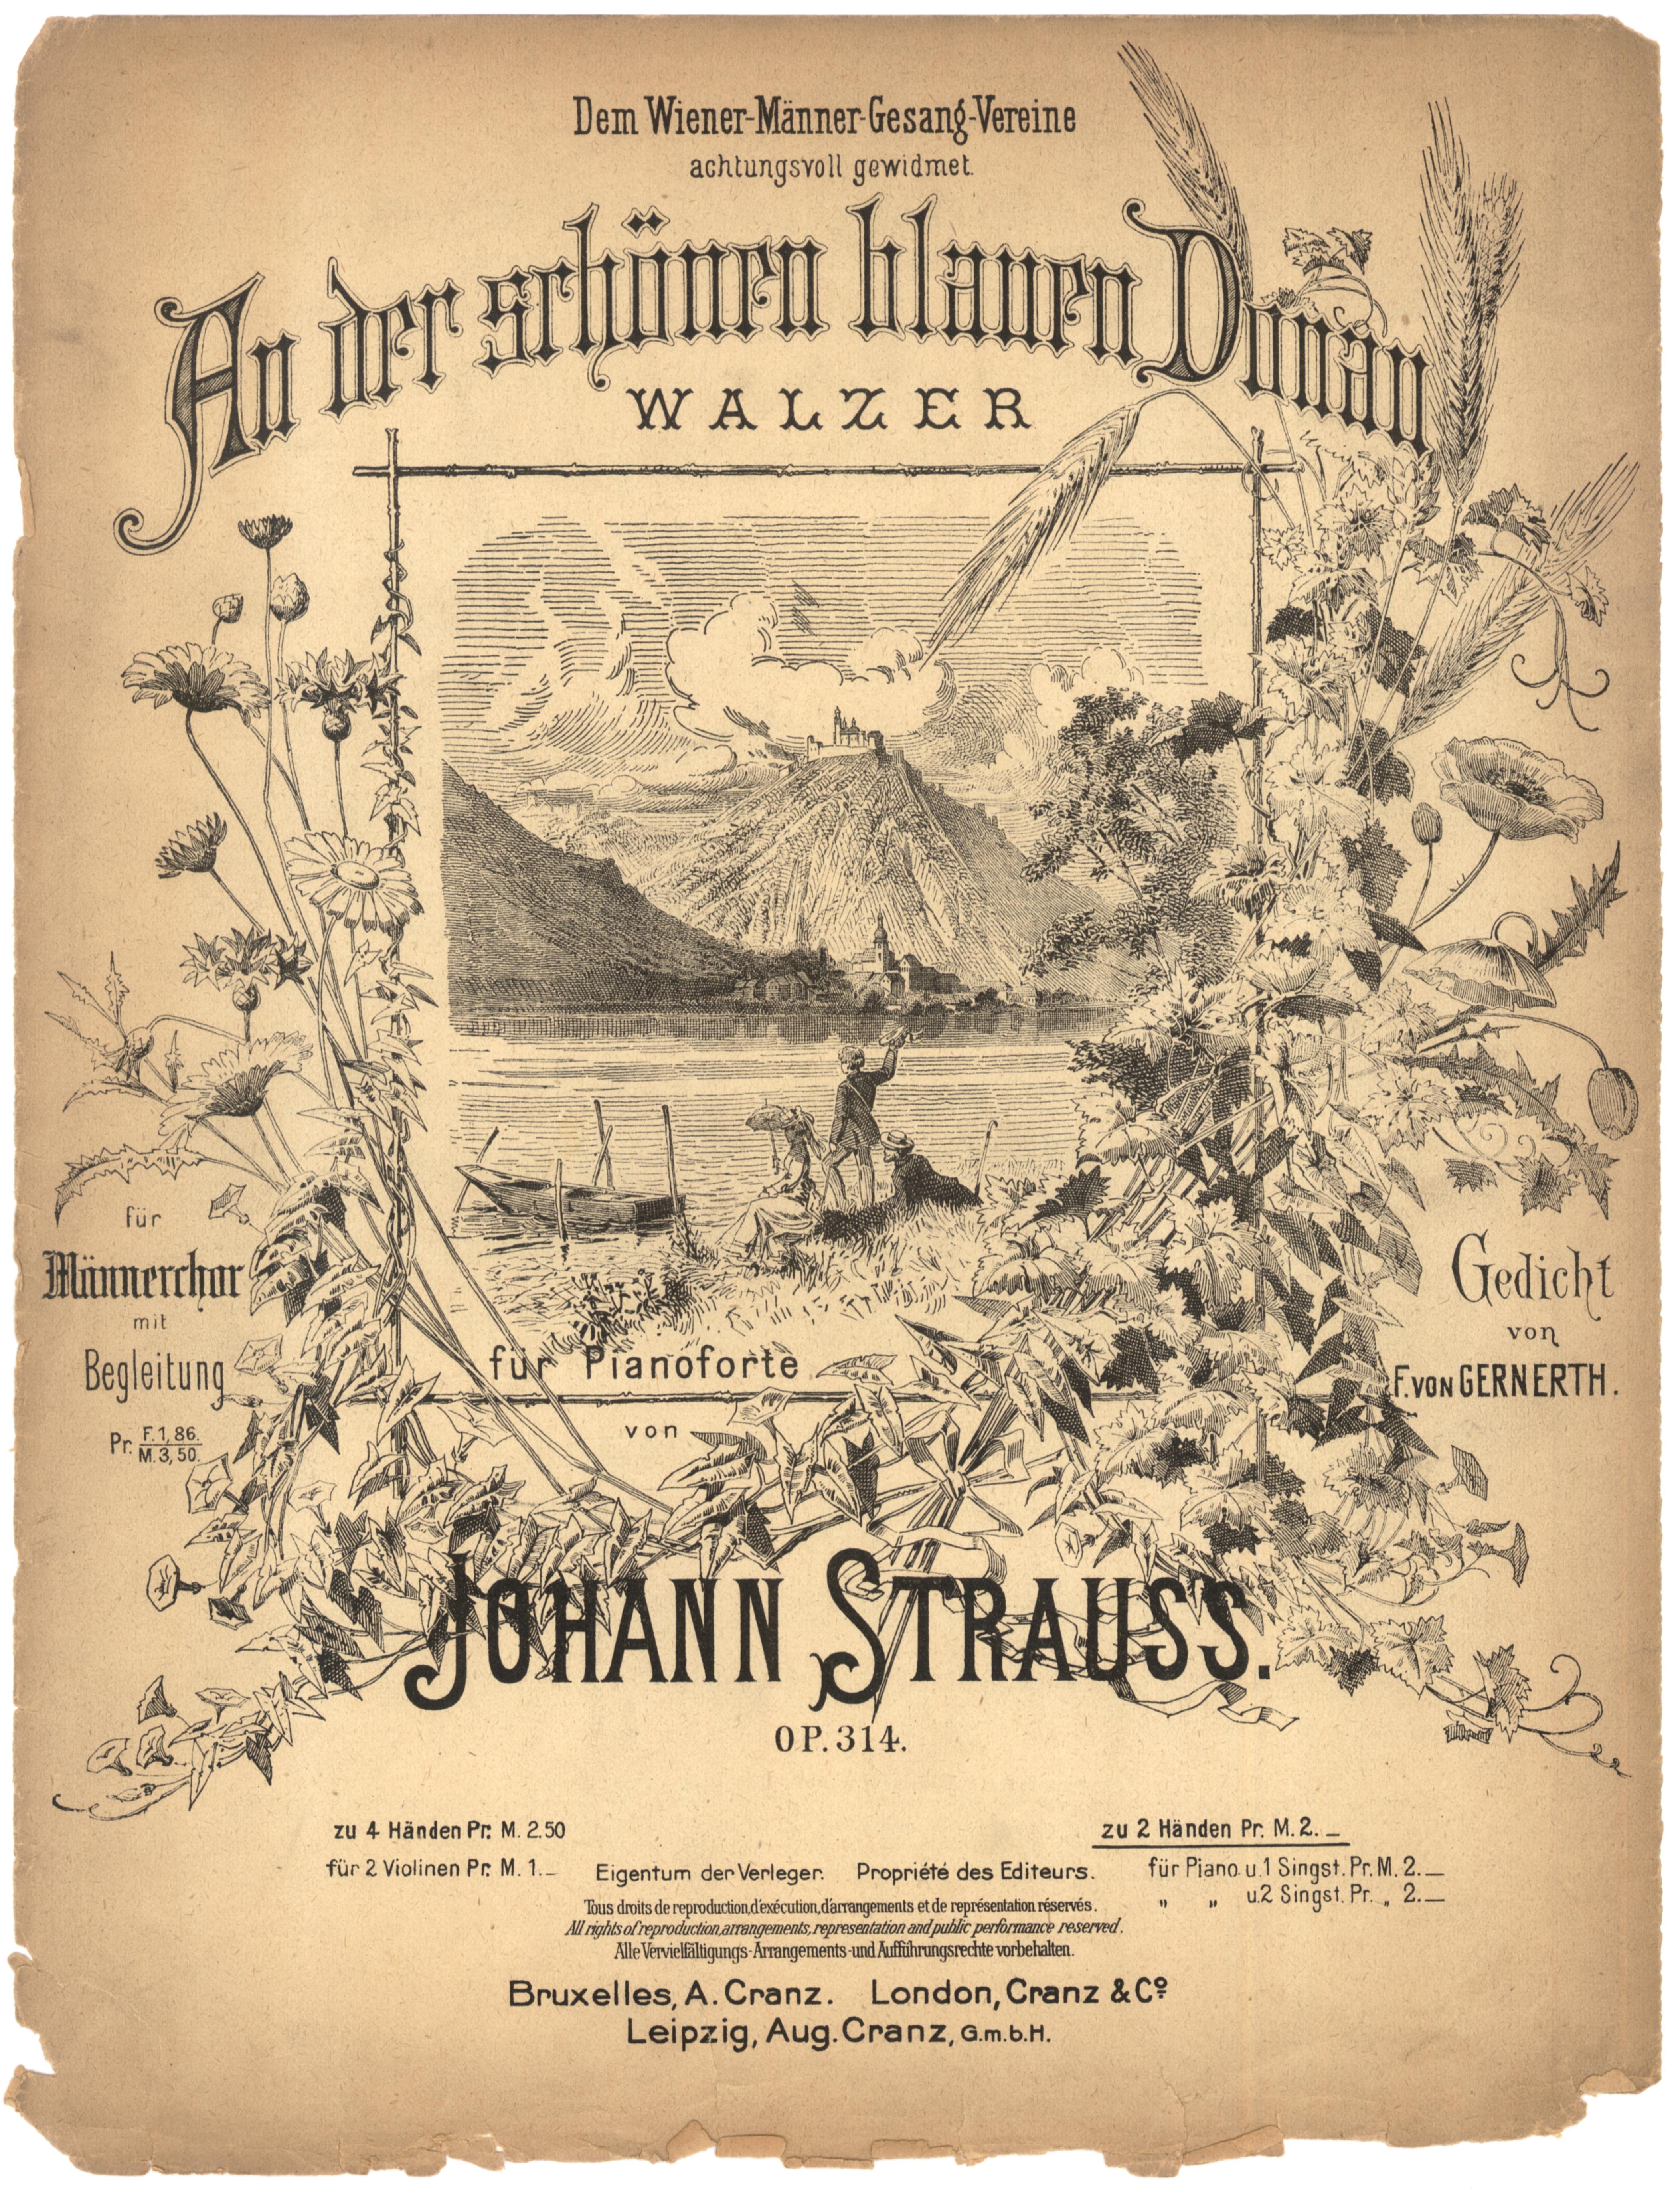 Первое европейское издание вальса Иоганна Штрауса-сына «На прекрасном голубом Дунае». – Брюссель, Лондон, Лейпциг, 1867.